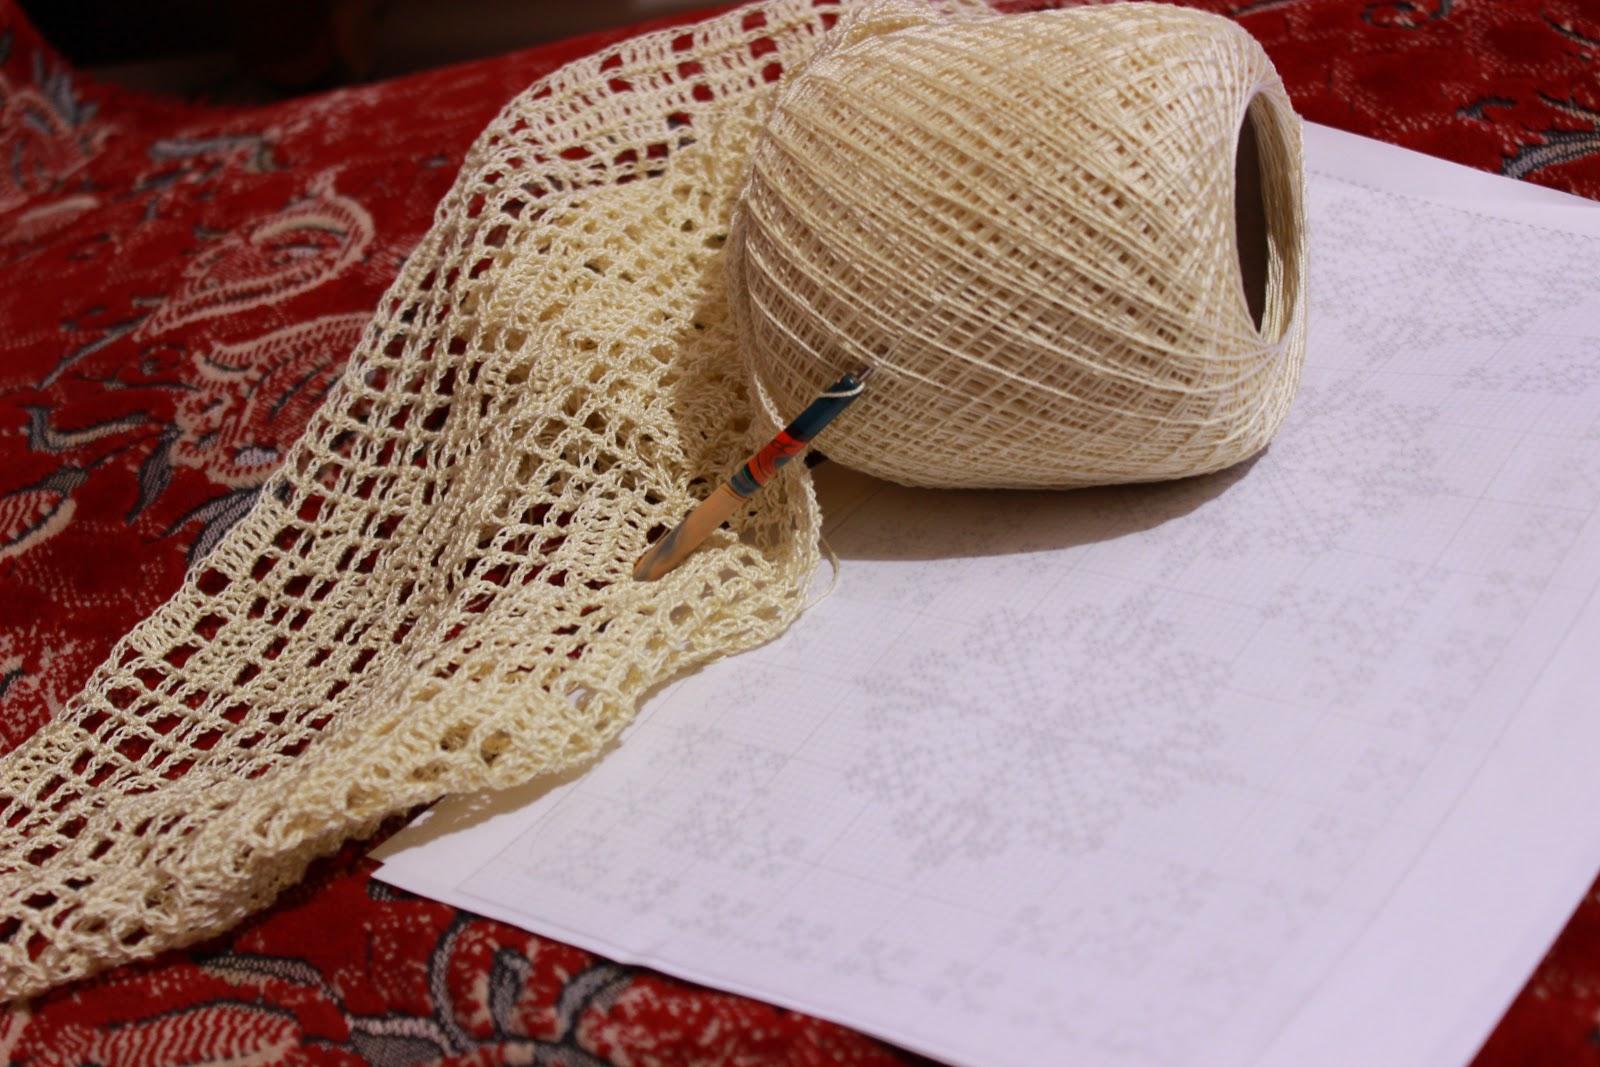 филейное вязание, салфетка, пано, филейка, филейная салфетка, скатерть, красивая салфетка, салфетка снежинка, настроение своими руками